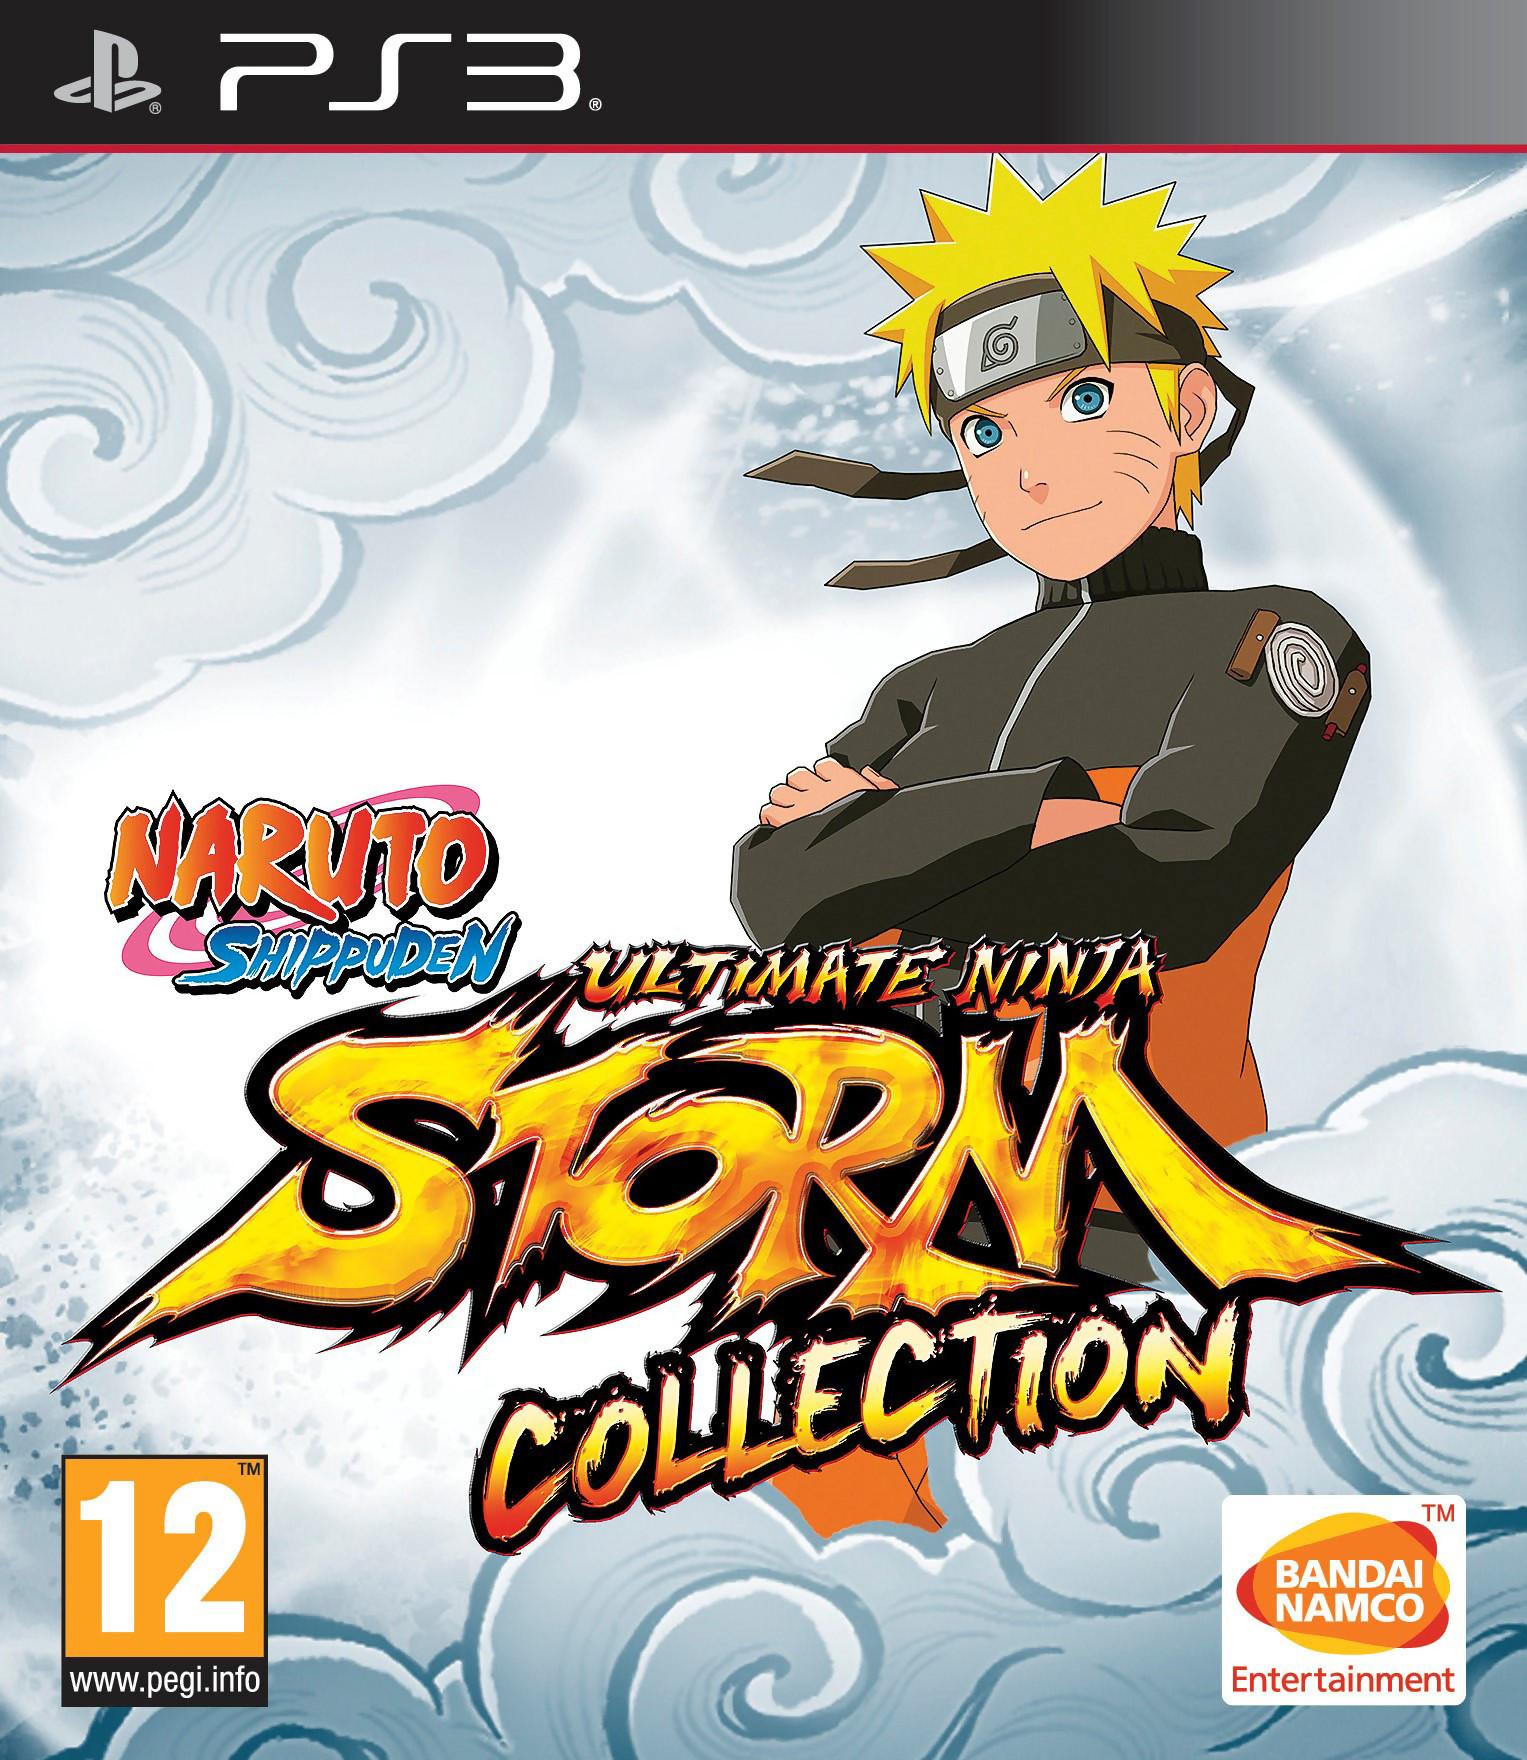 Naruto Mugen game patch